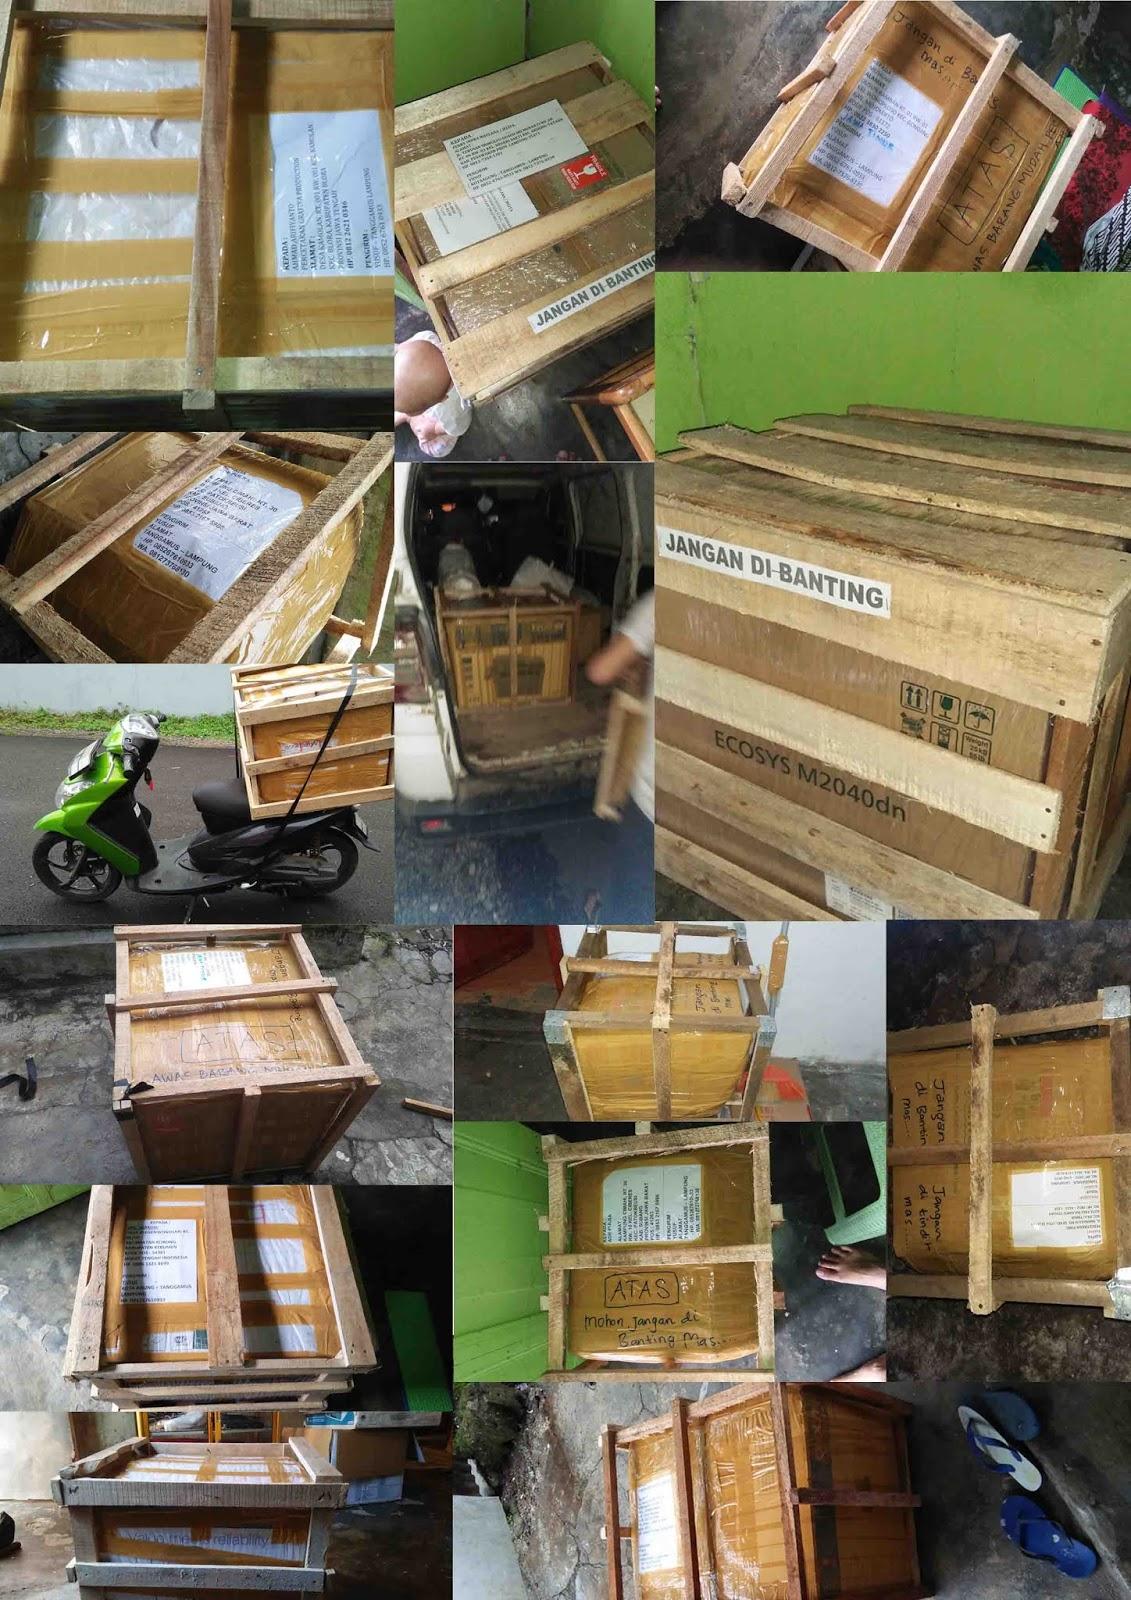 Kelebihan Dan Kekurangan Mesin Fotocopy Kyocera : kelebihan, kekurangan, mesin, fotocopy, kyocera, Mesin, Fotocopy, Kyocera, M2040dn, M2540dn, Lampung, Ruanganbaca